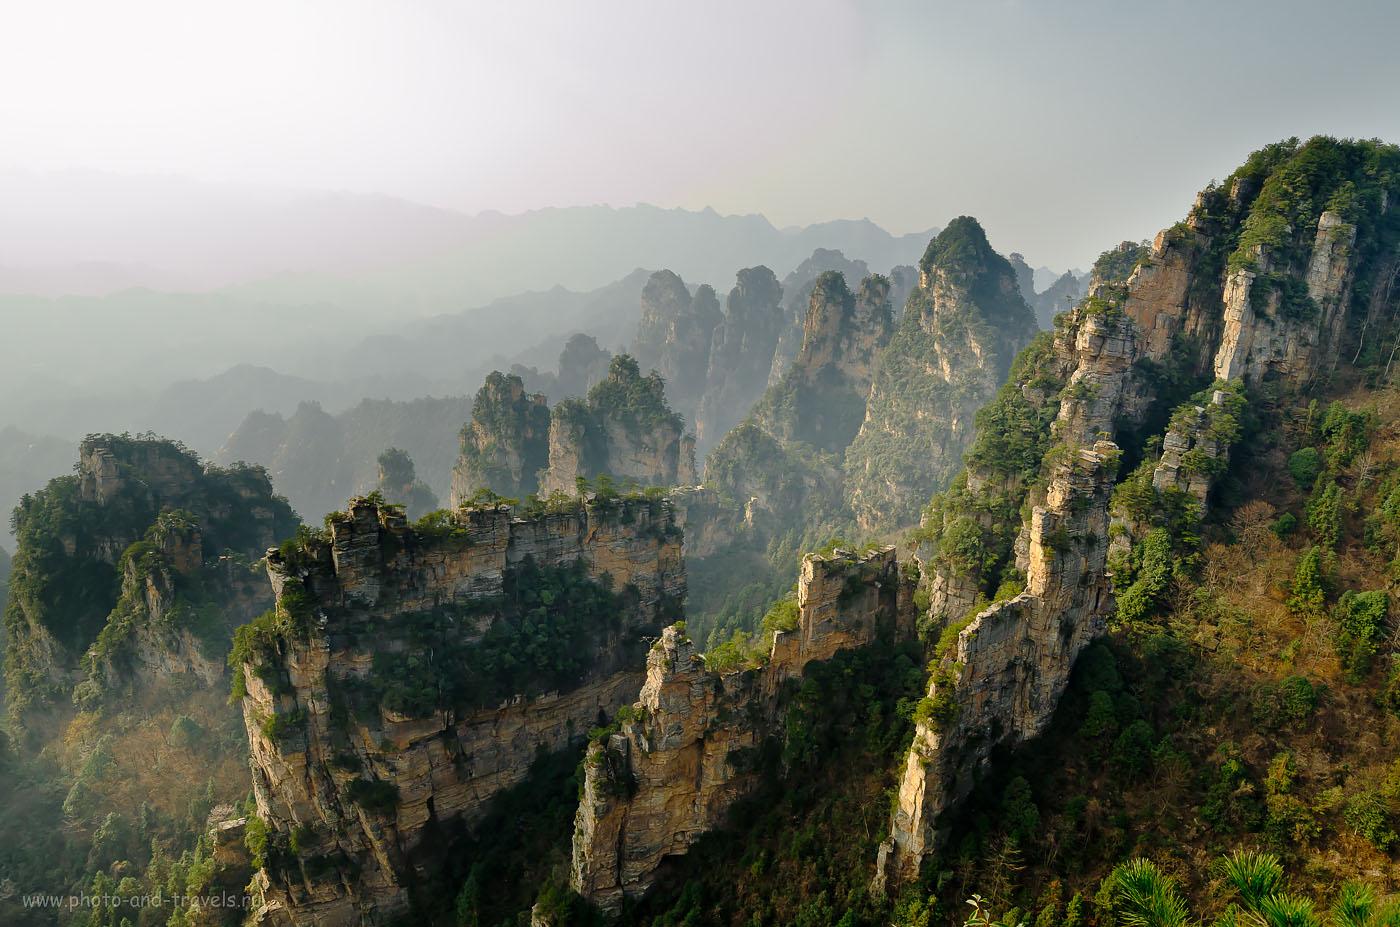 Фотография 7. Самое красивое место в парке Zhangjiajie. Отзывы о самостоятельном экскурсионном туре по Китаю